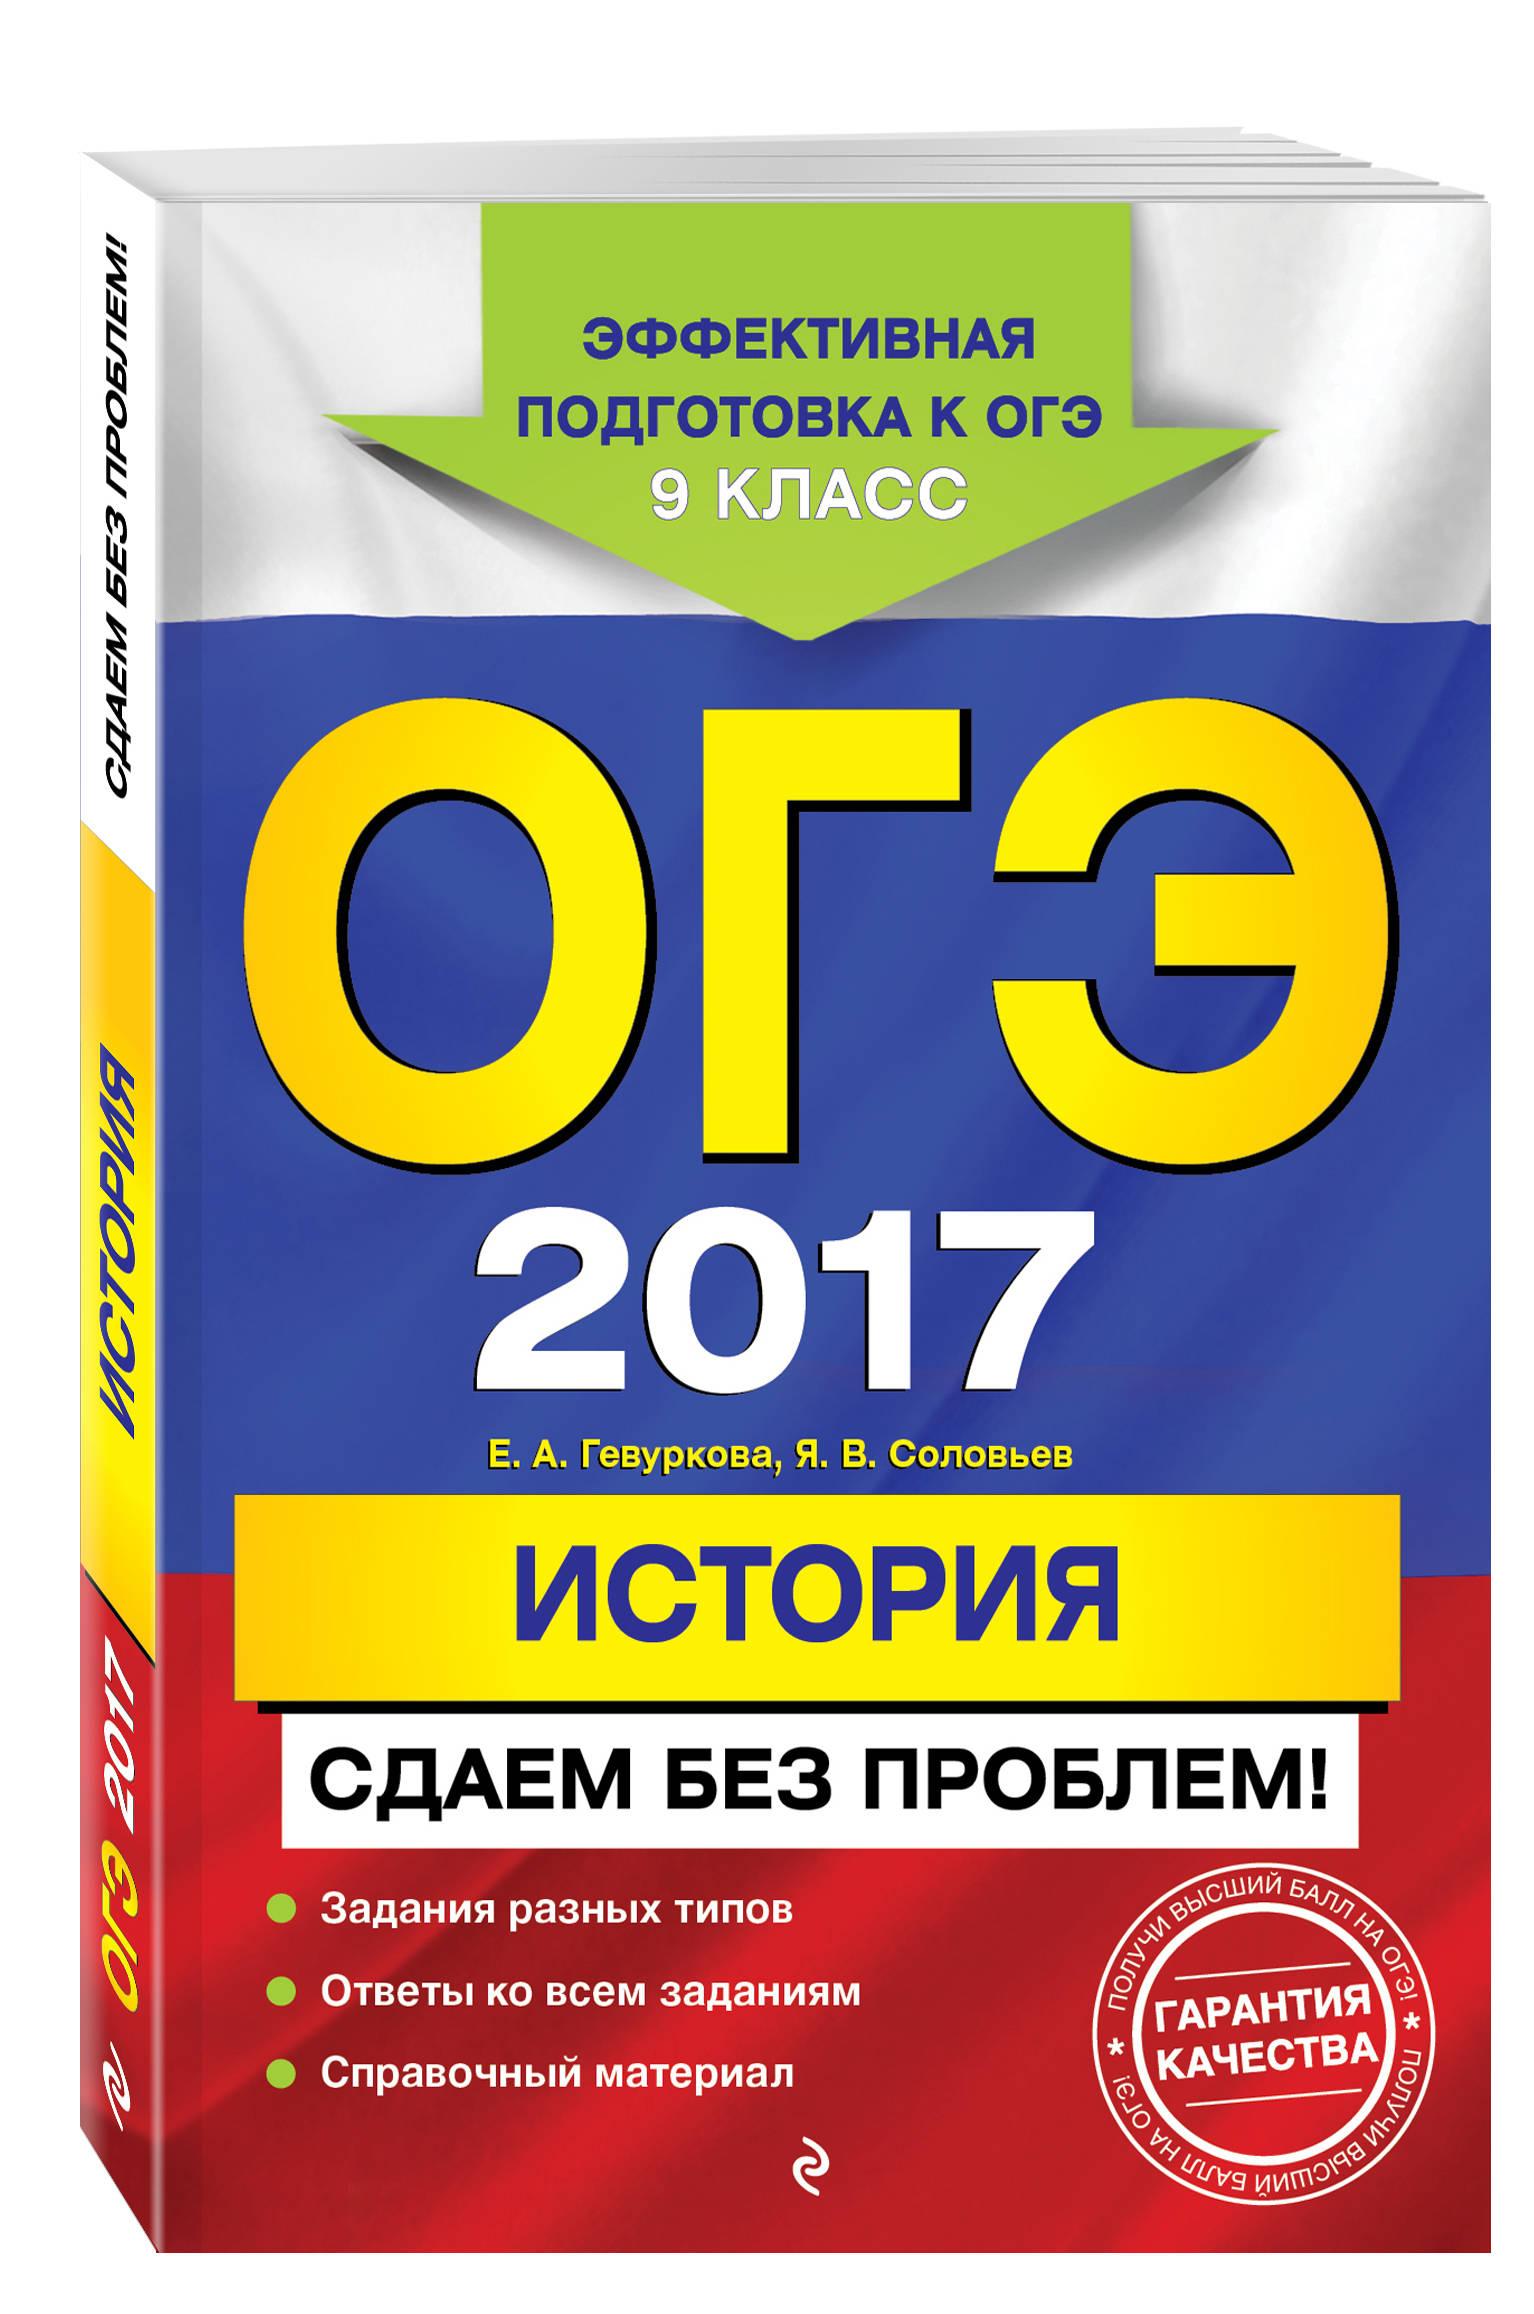 ОГЭ-2017. История. Сдаем без проблем ( Гевуркова Е.А., Соловьев Я.В.  )